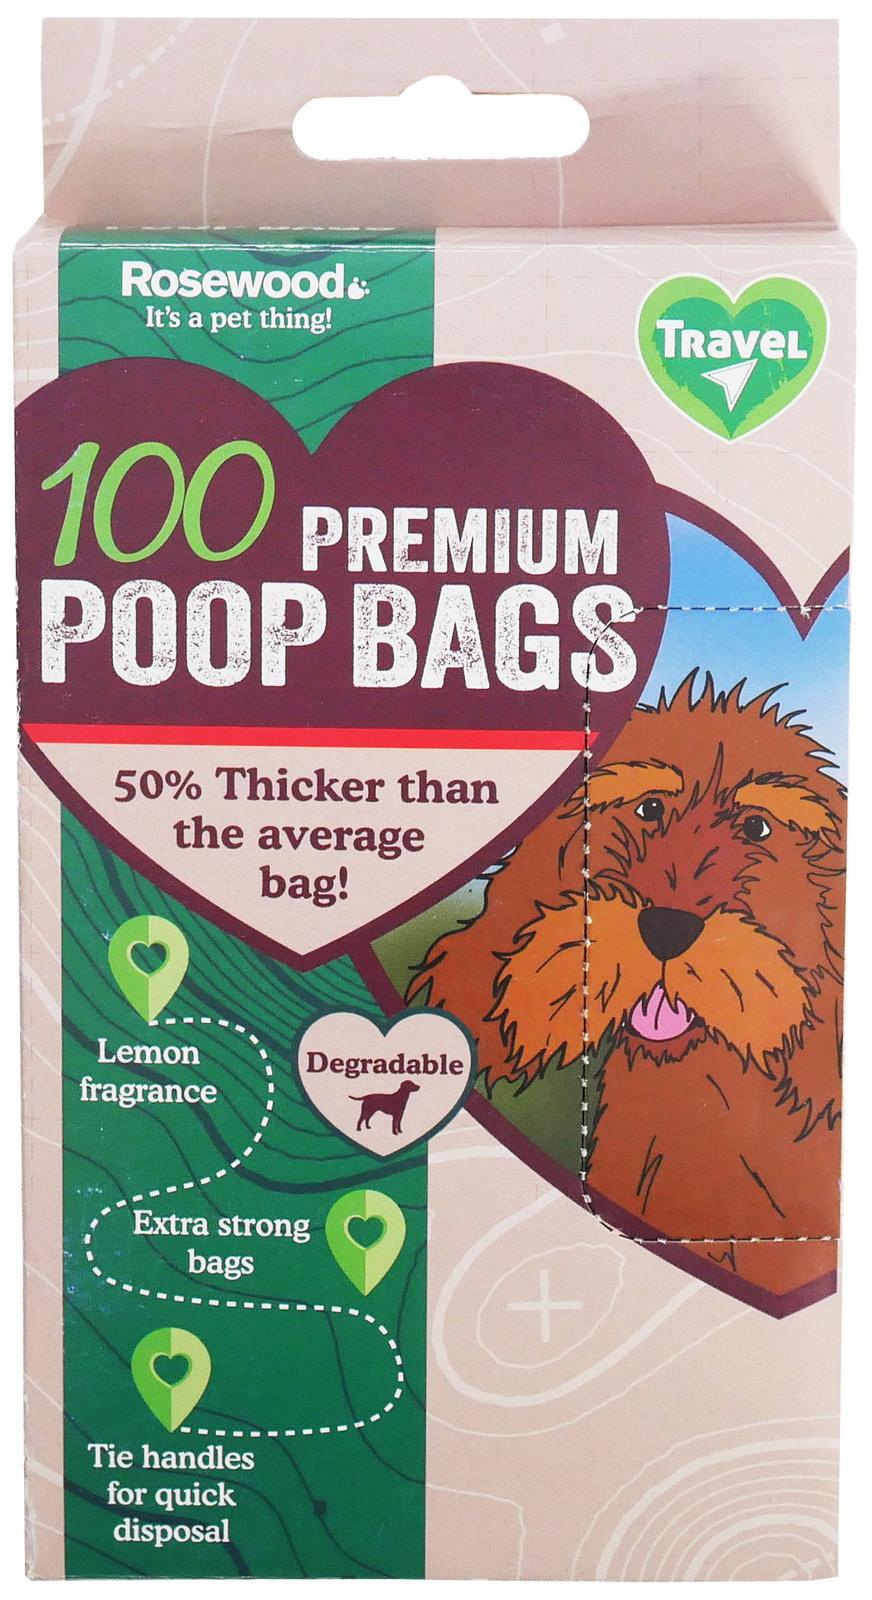 Пакеты для выгула Rosewood биоразлагаемые, черный, 100 шт, лимон- обзор, преимущества, отзывы. Заказать товар для животных за 200 руб. Бренд Rosewood